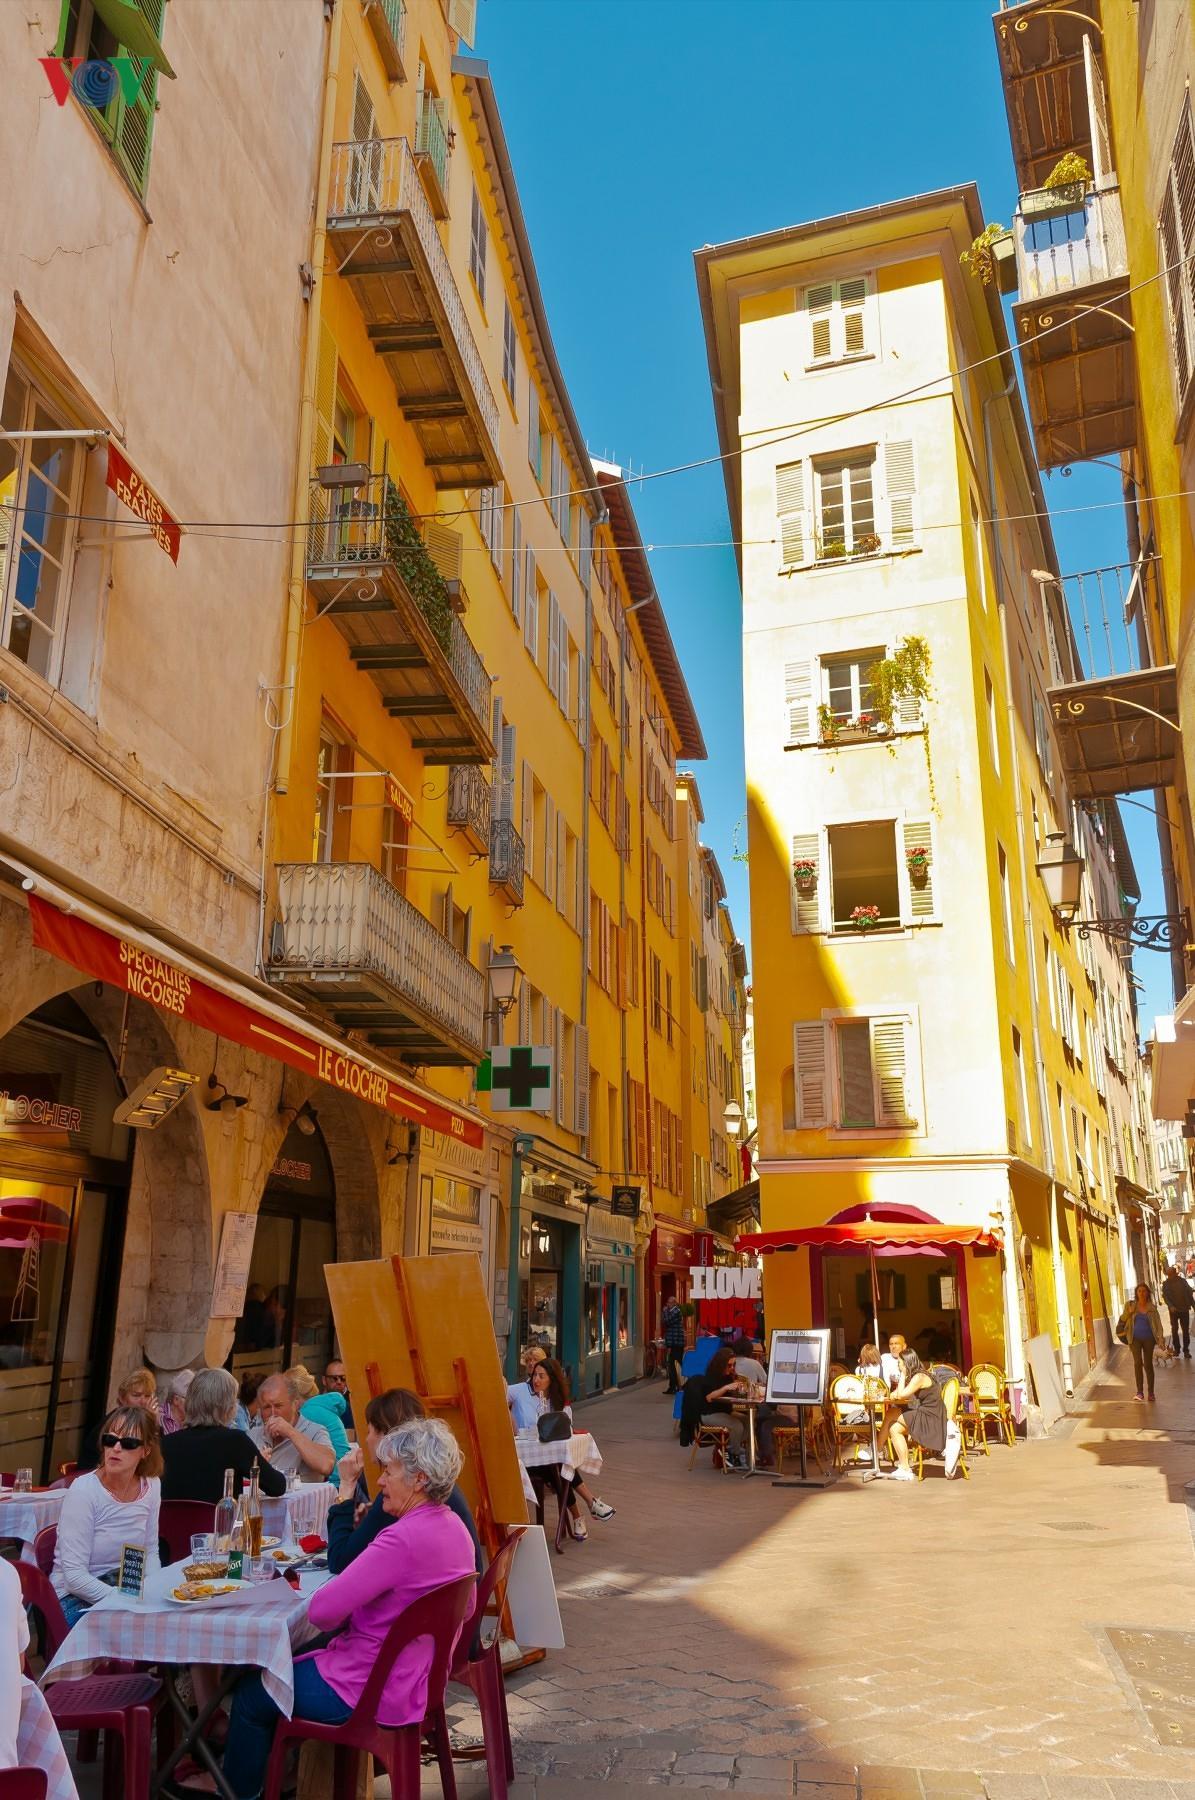 Khám phá Nice - thành phố biển quyến rũ nhất Địa Trung Hải Ảnh 24